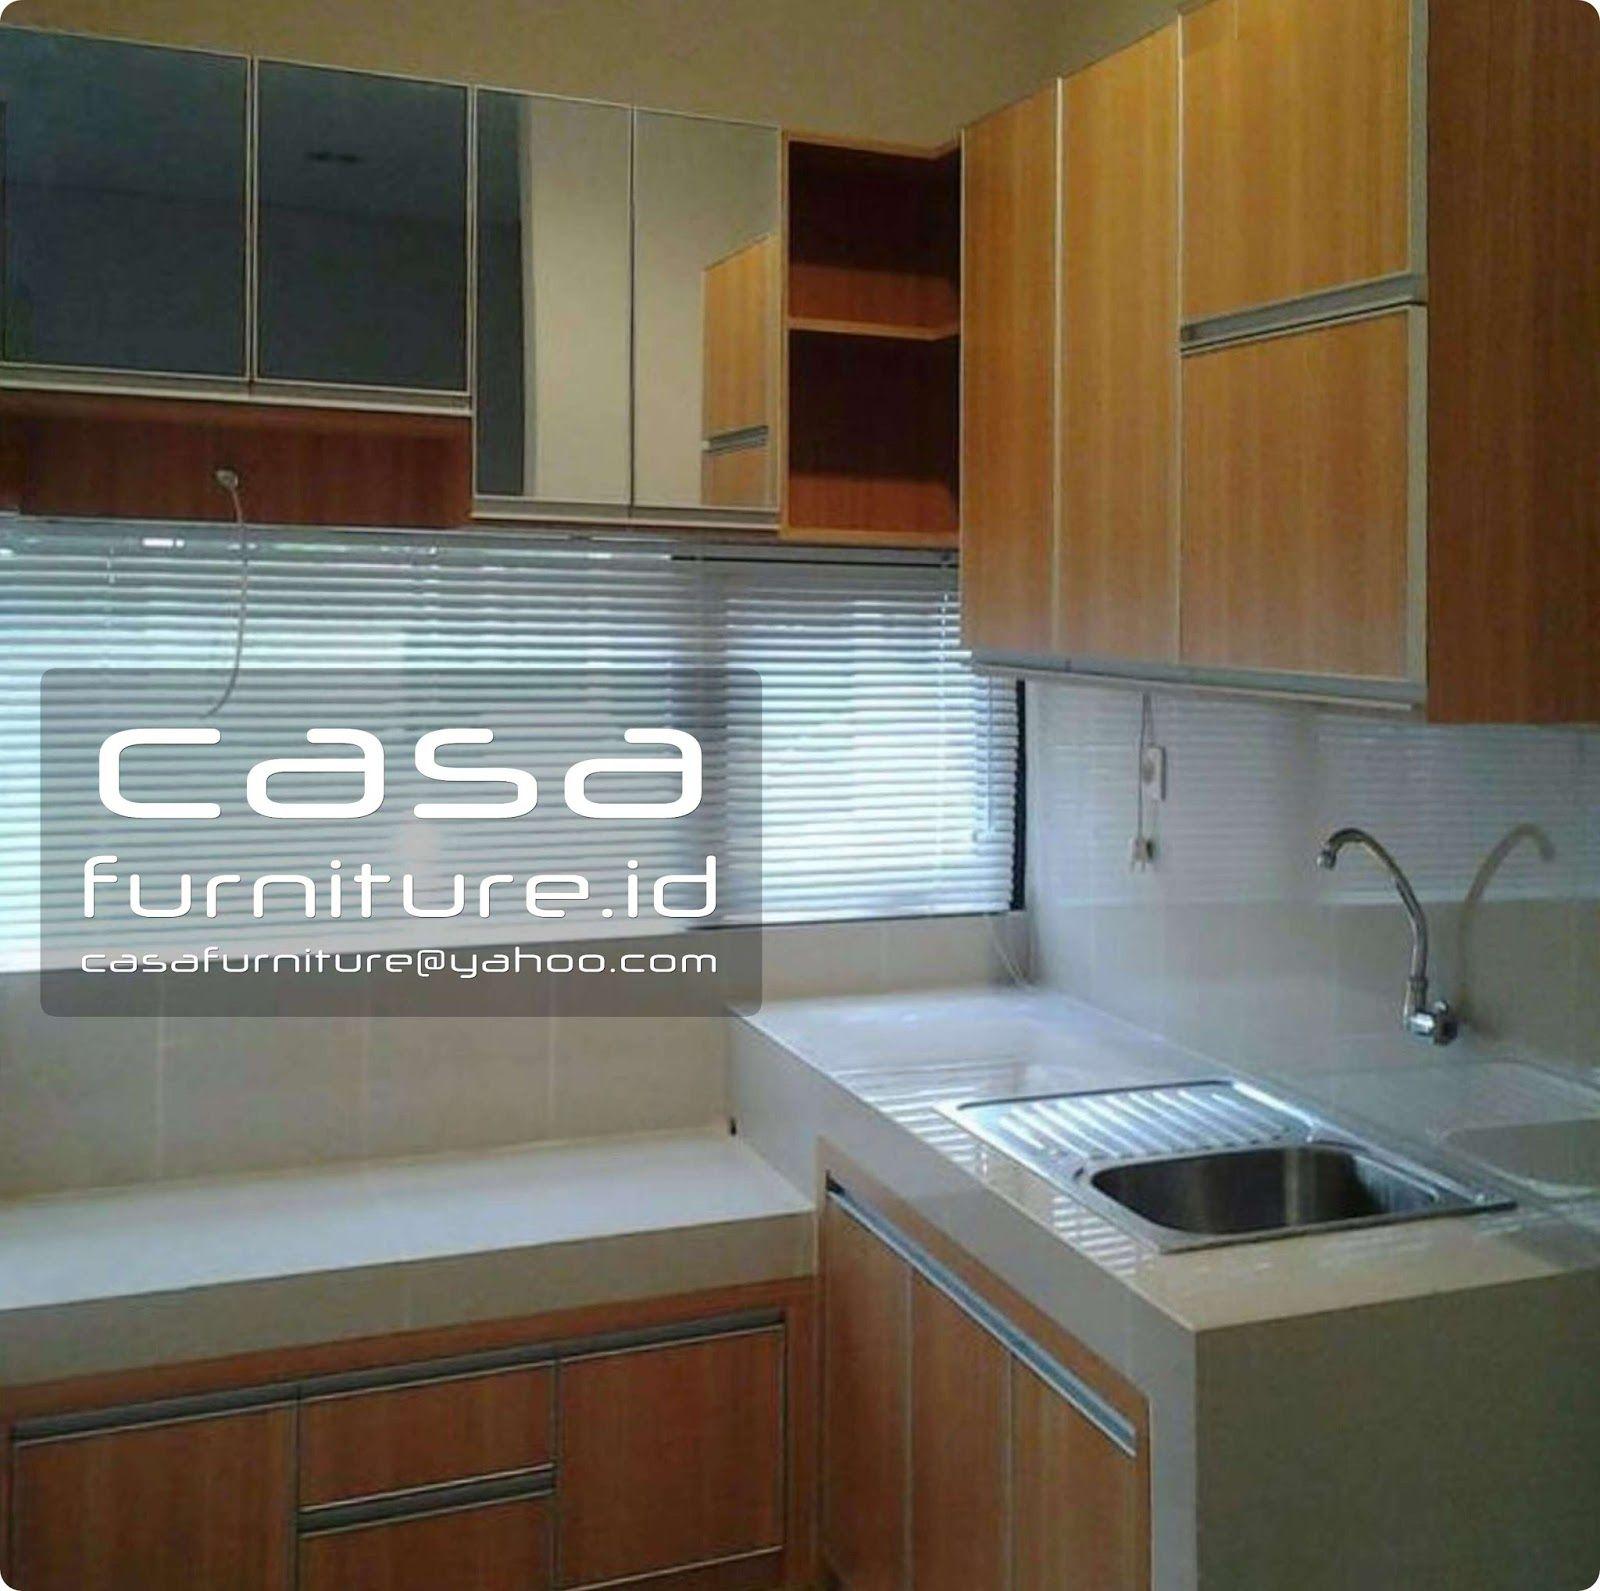 Kitchen set BSD | custom interior jakarta,serpong,bsd | Pinterest ...